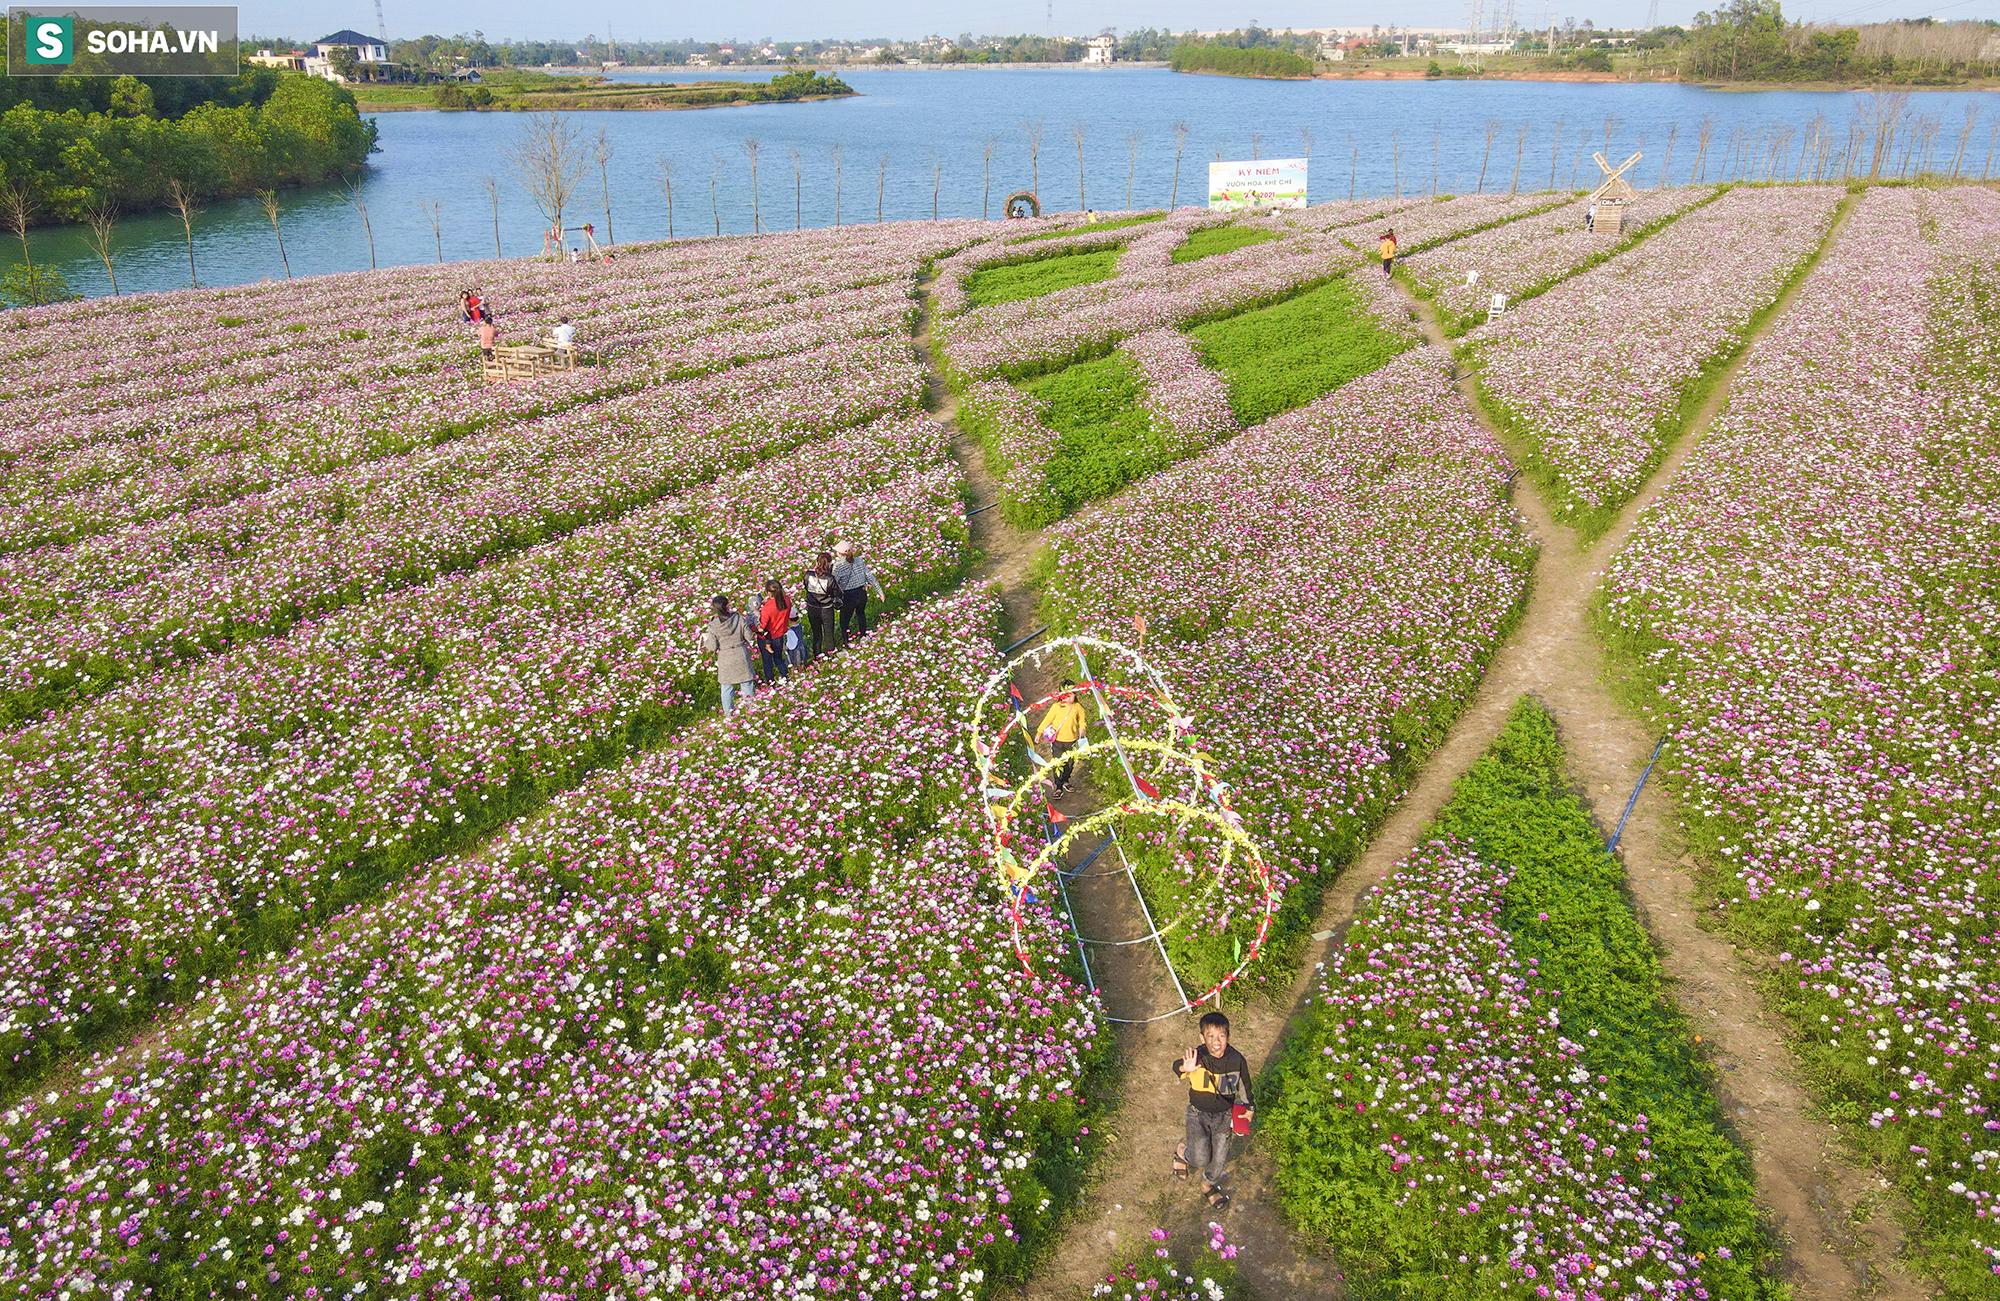 Mê mẩn cánh đồng hoa sao nhái đầy màu sắc được giới trẻ săn tìm để check-in ở Quảng Bình - Ảnh 16.